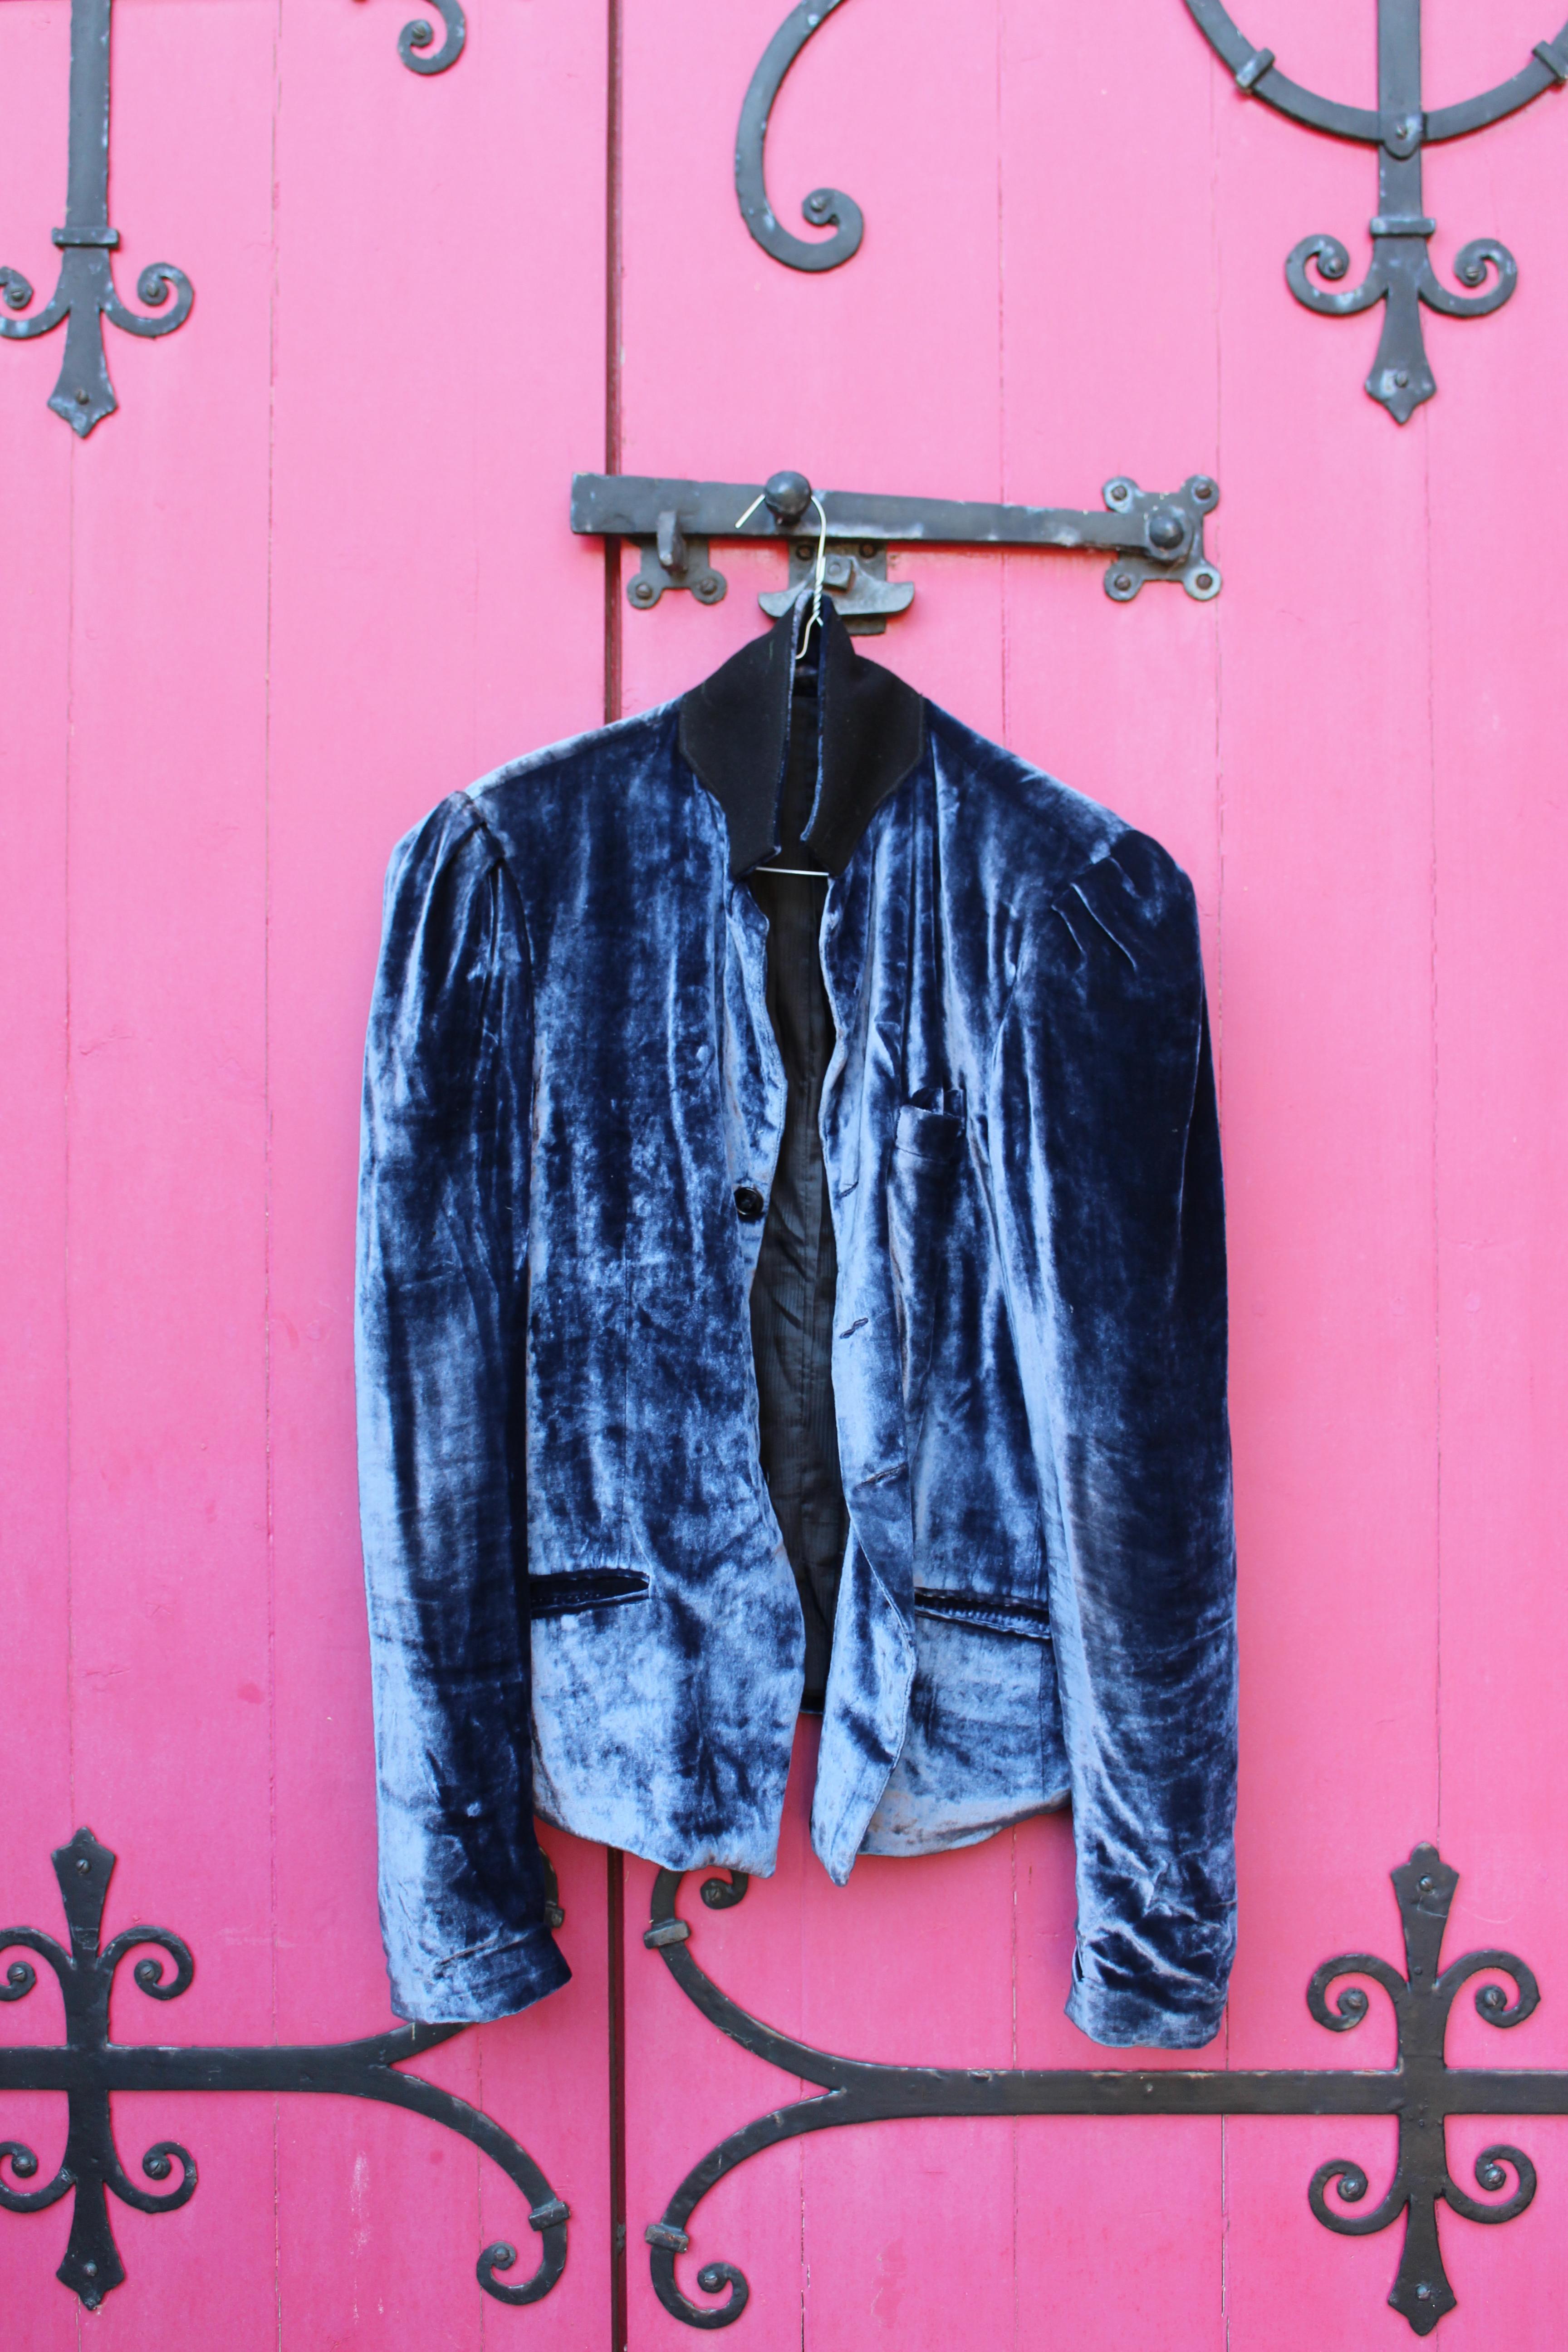 Silver silk velvet jacket, from Fez, 71 Golborne Road, London